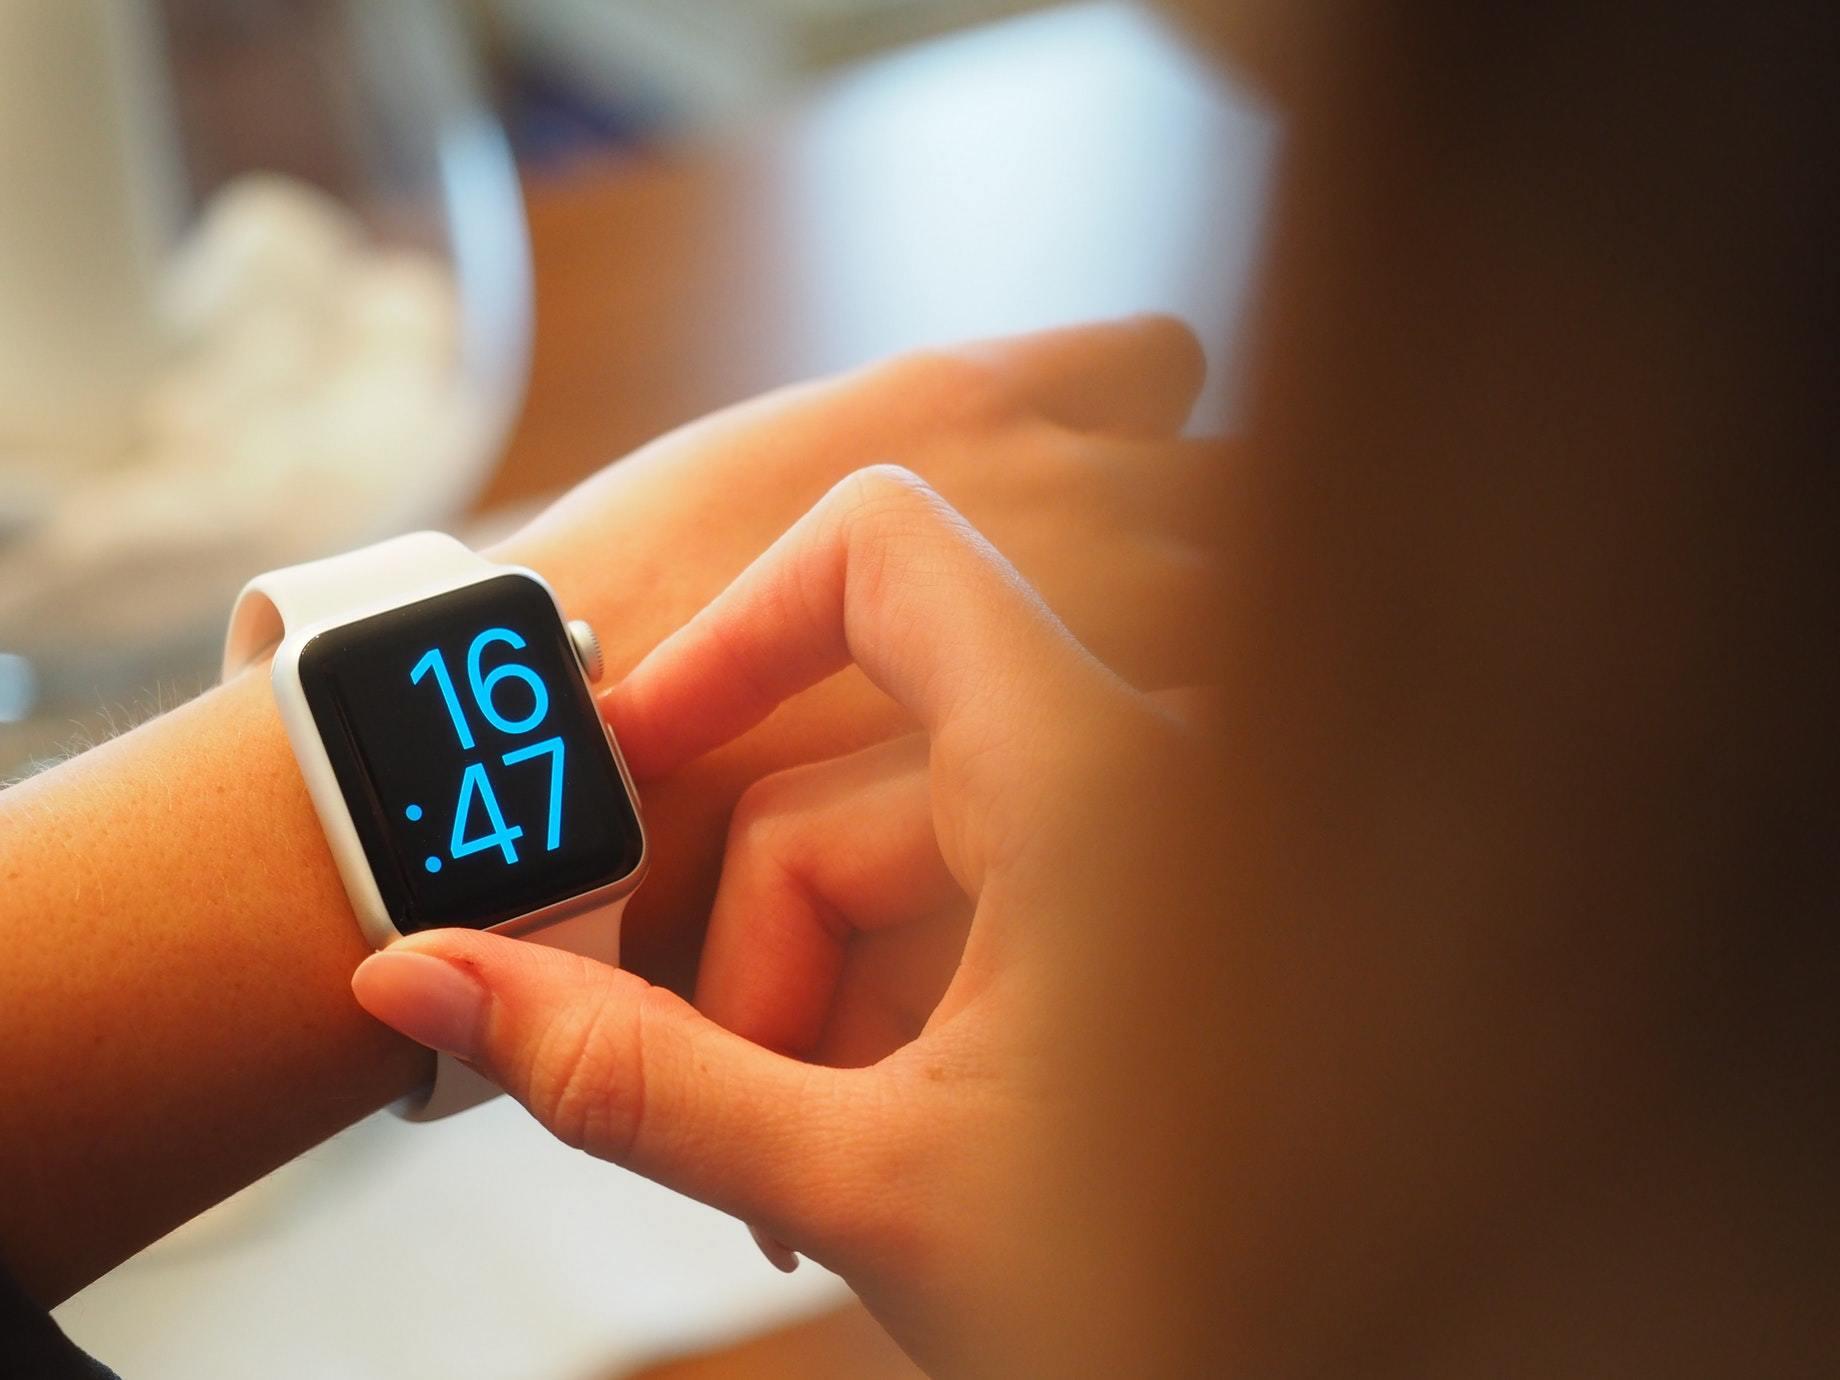 工作沒效率是因為你的時間太零碎!日程集中管理,把完整時間留給重要的事